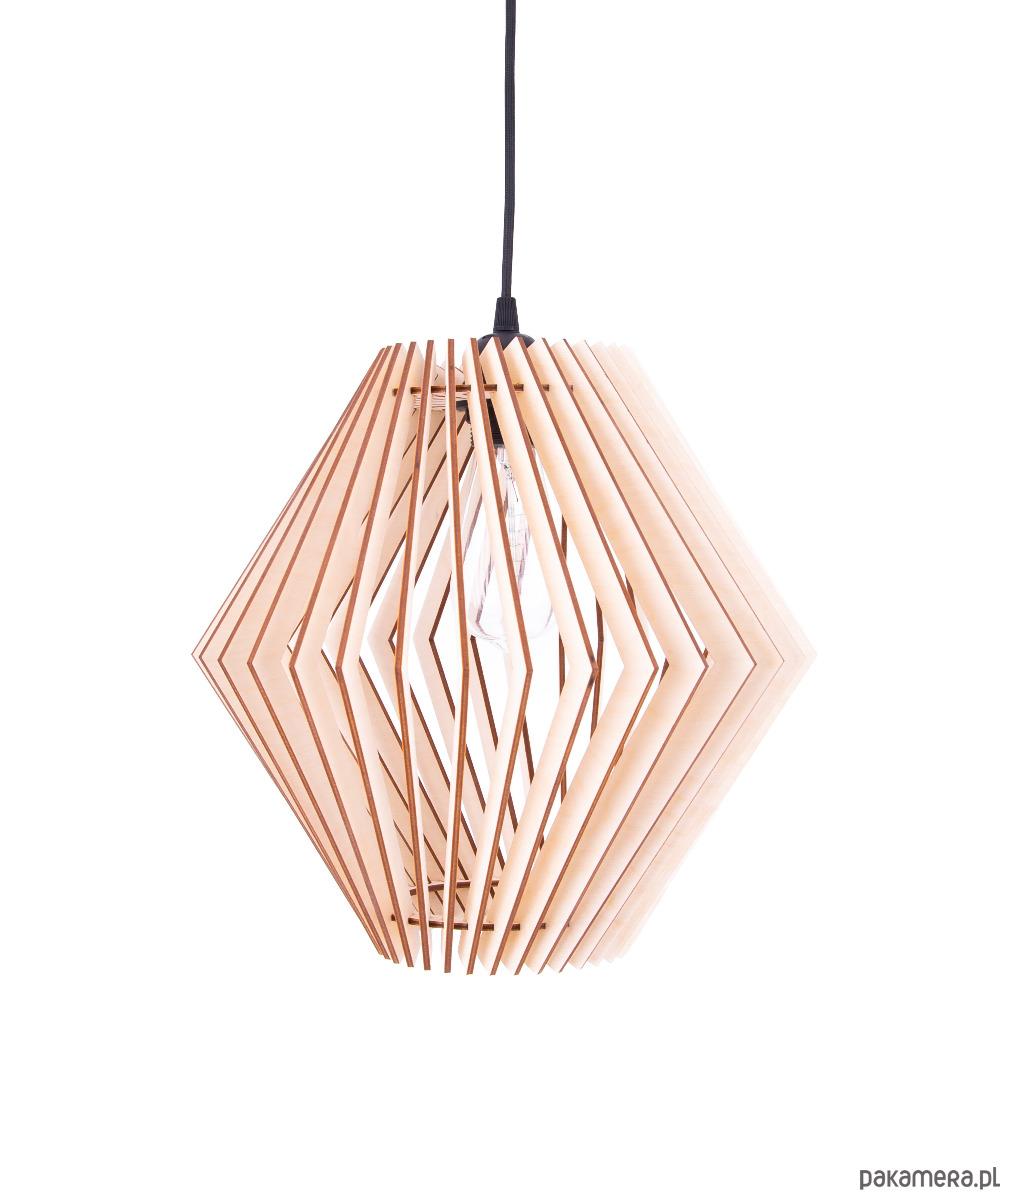 b62f77acce2c Lampa drewniana sufitowa do salonu wisząca - lampy - wiszące ...